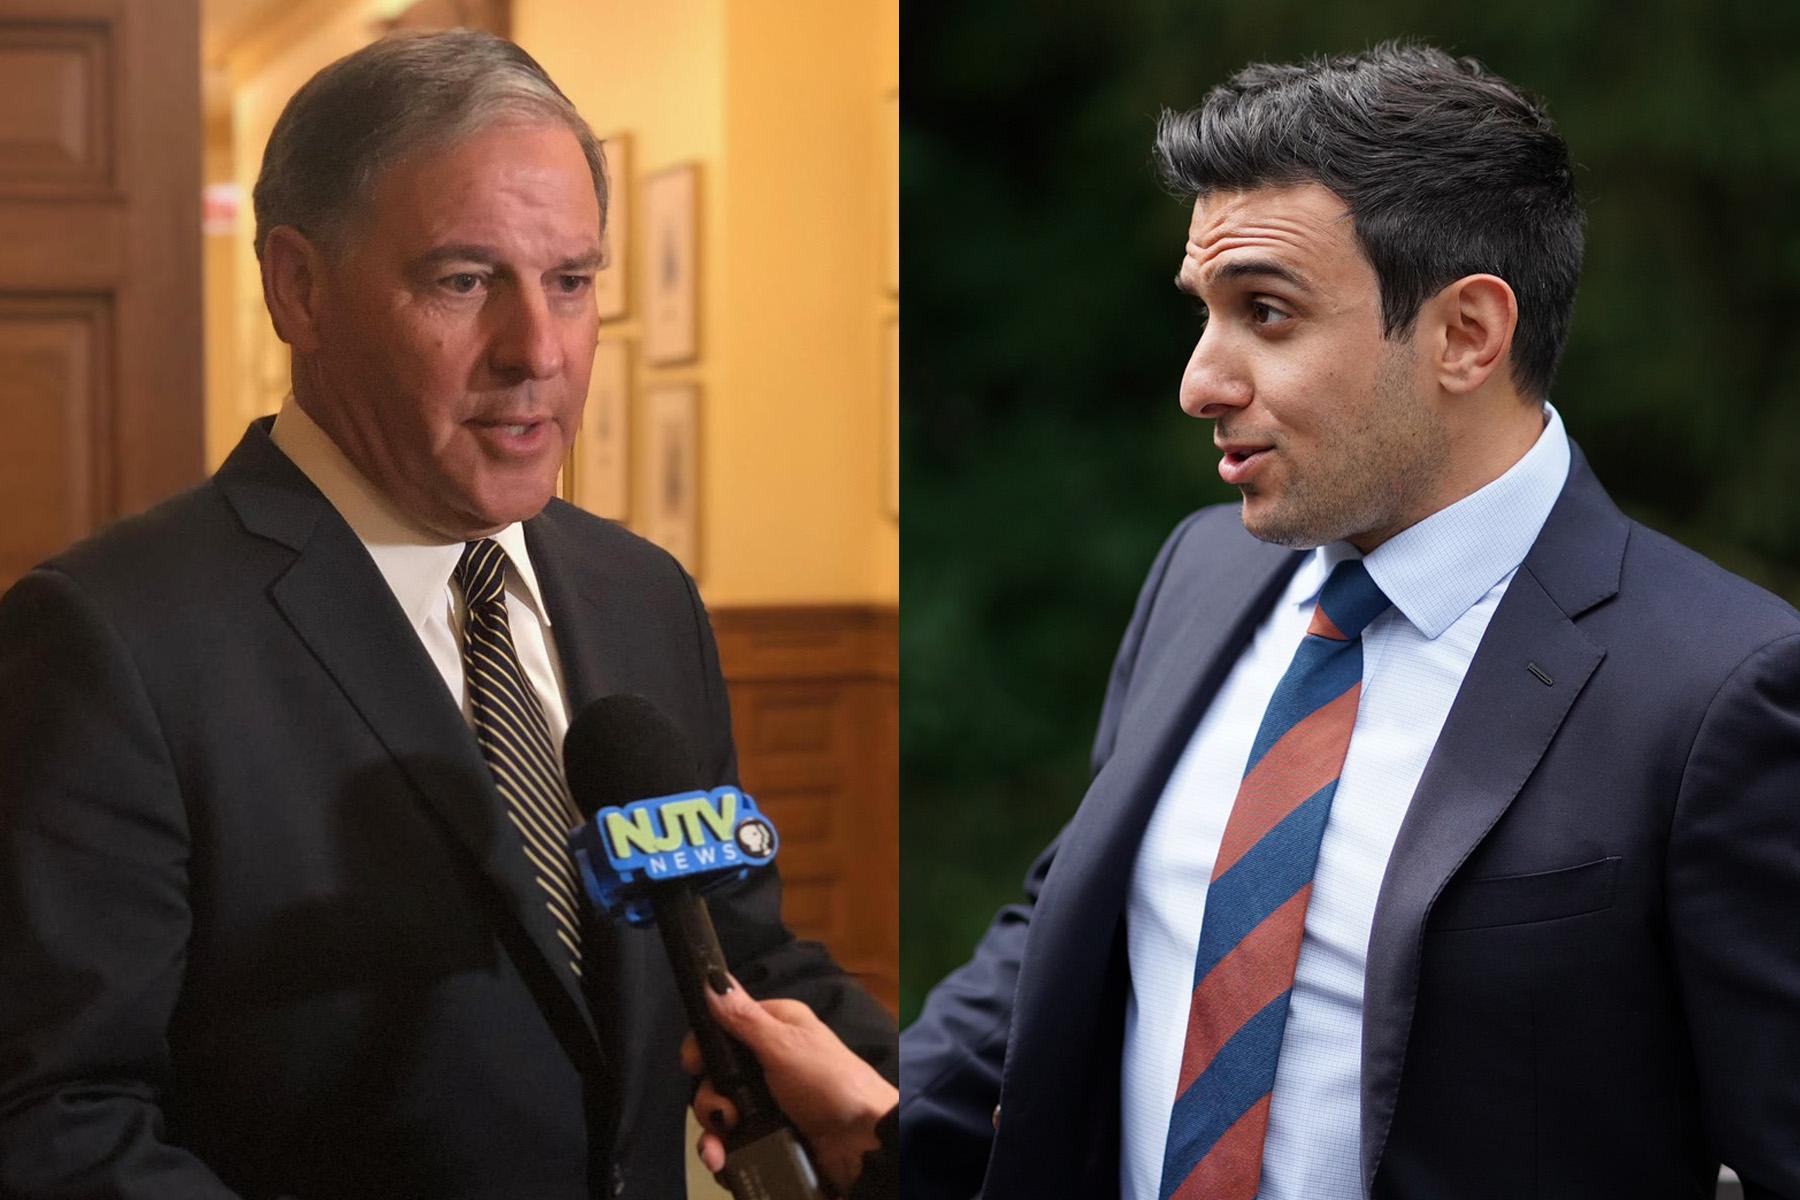 Senate race pits veteran GOP leader against young Democratic mayor